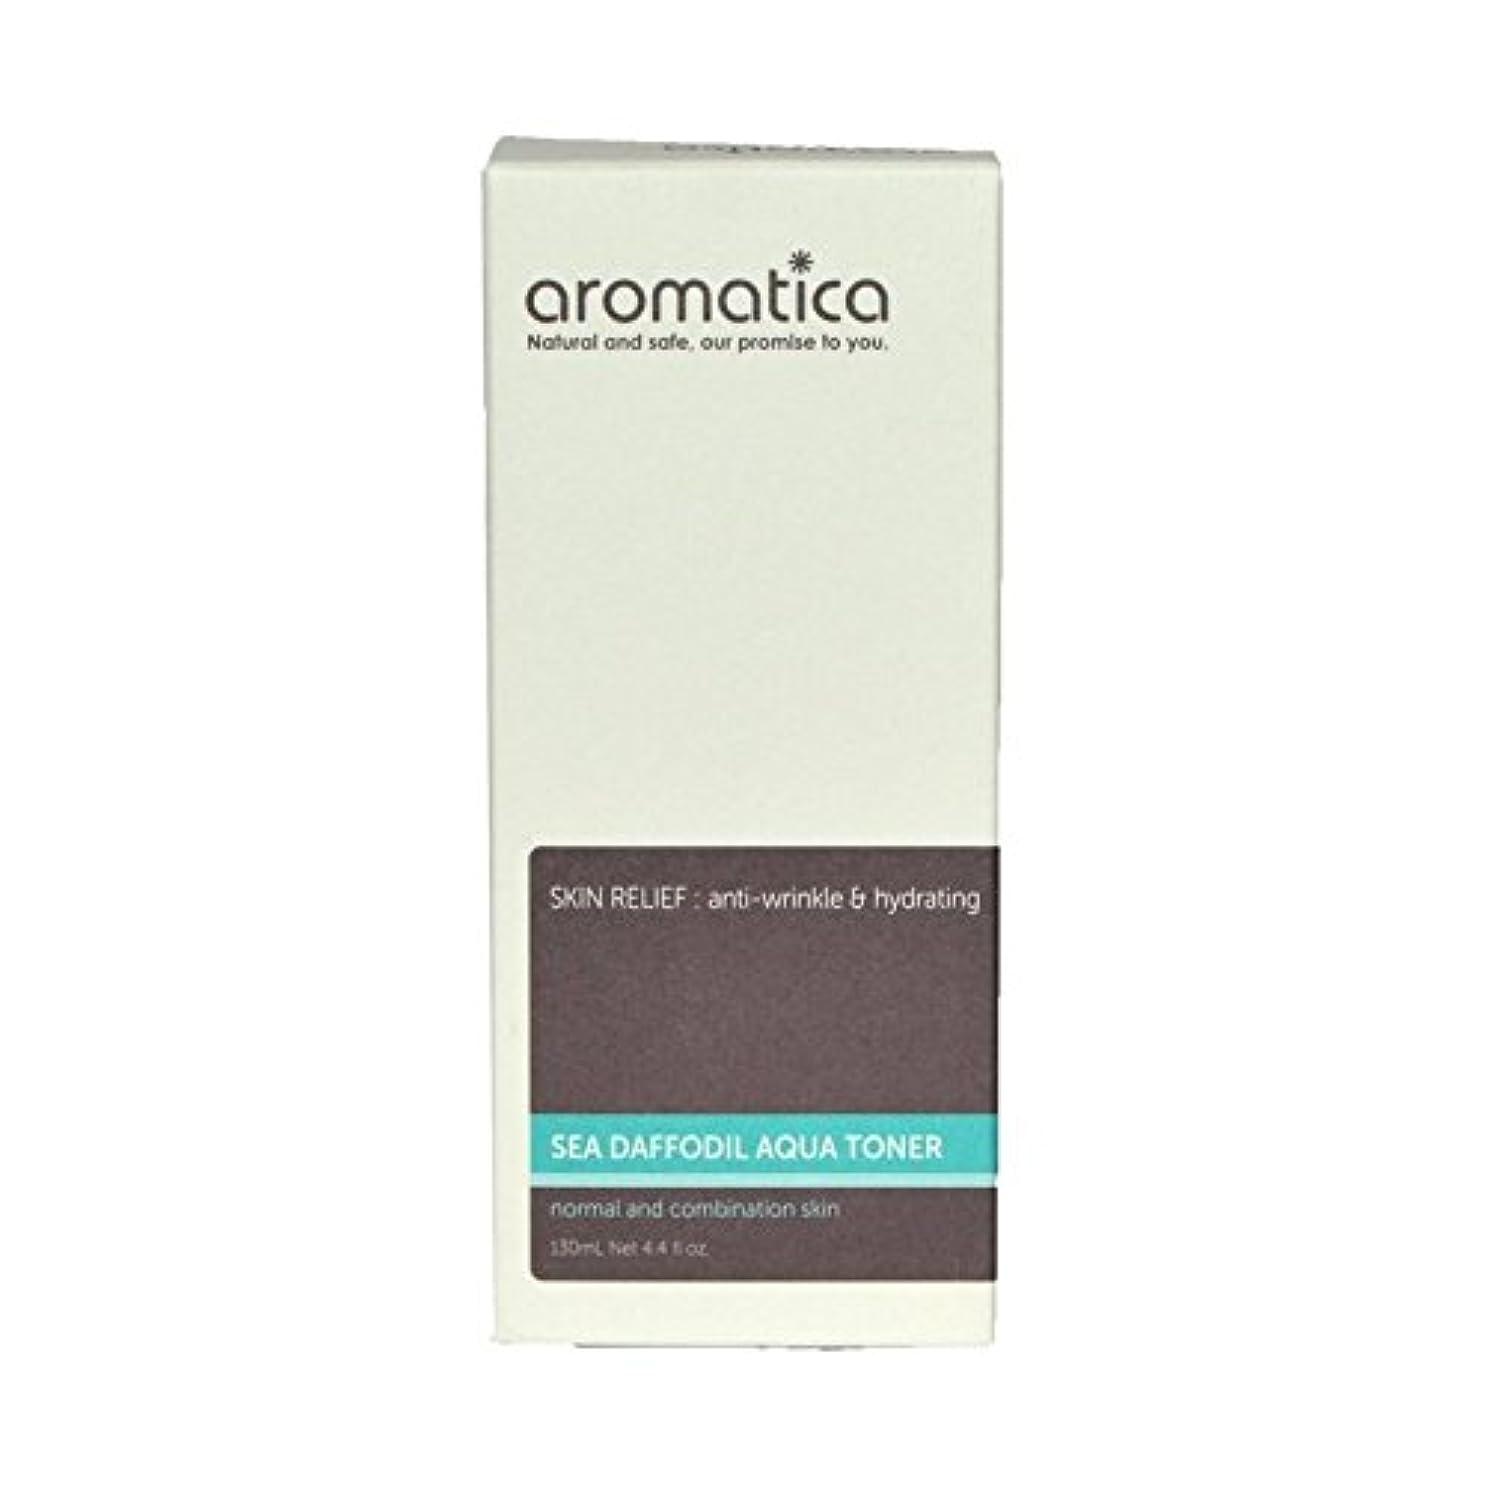 免疫散る無意識海スイセンアクアトナー130ミリリットル x4 - aromatica Sea Daffodil Aqua Toner 130ml (Pack of 4) [並行輸入品]